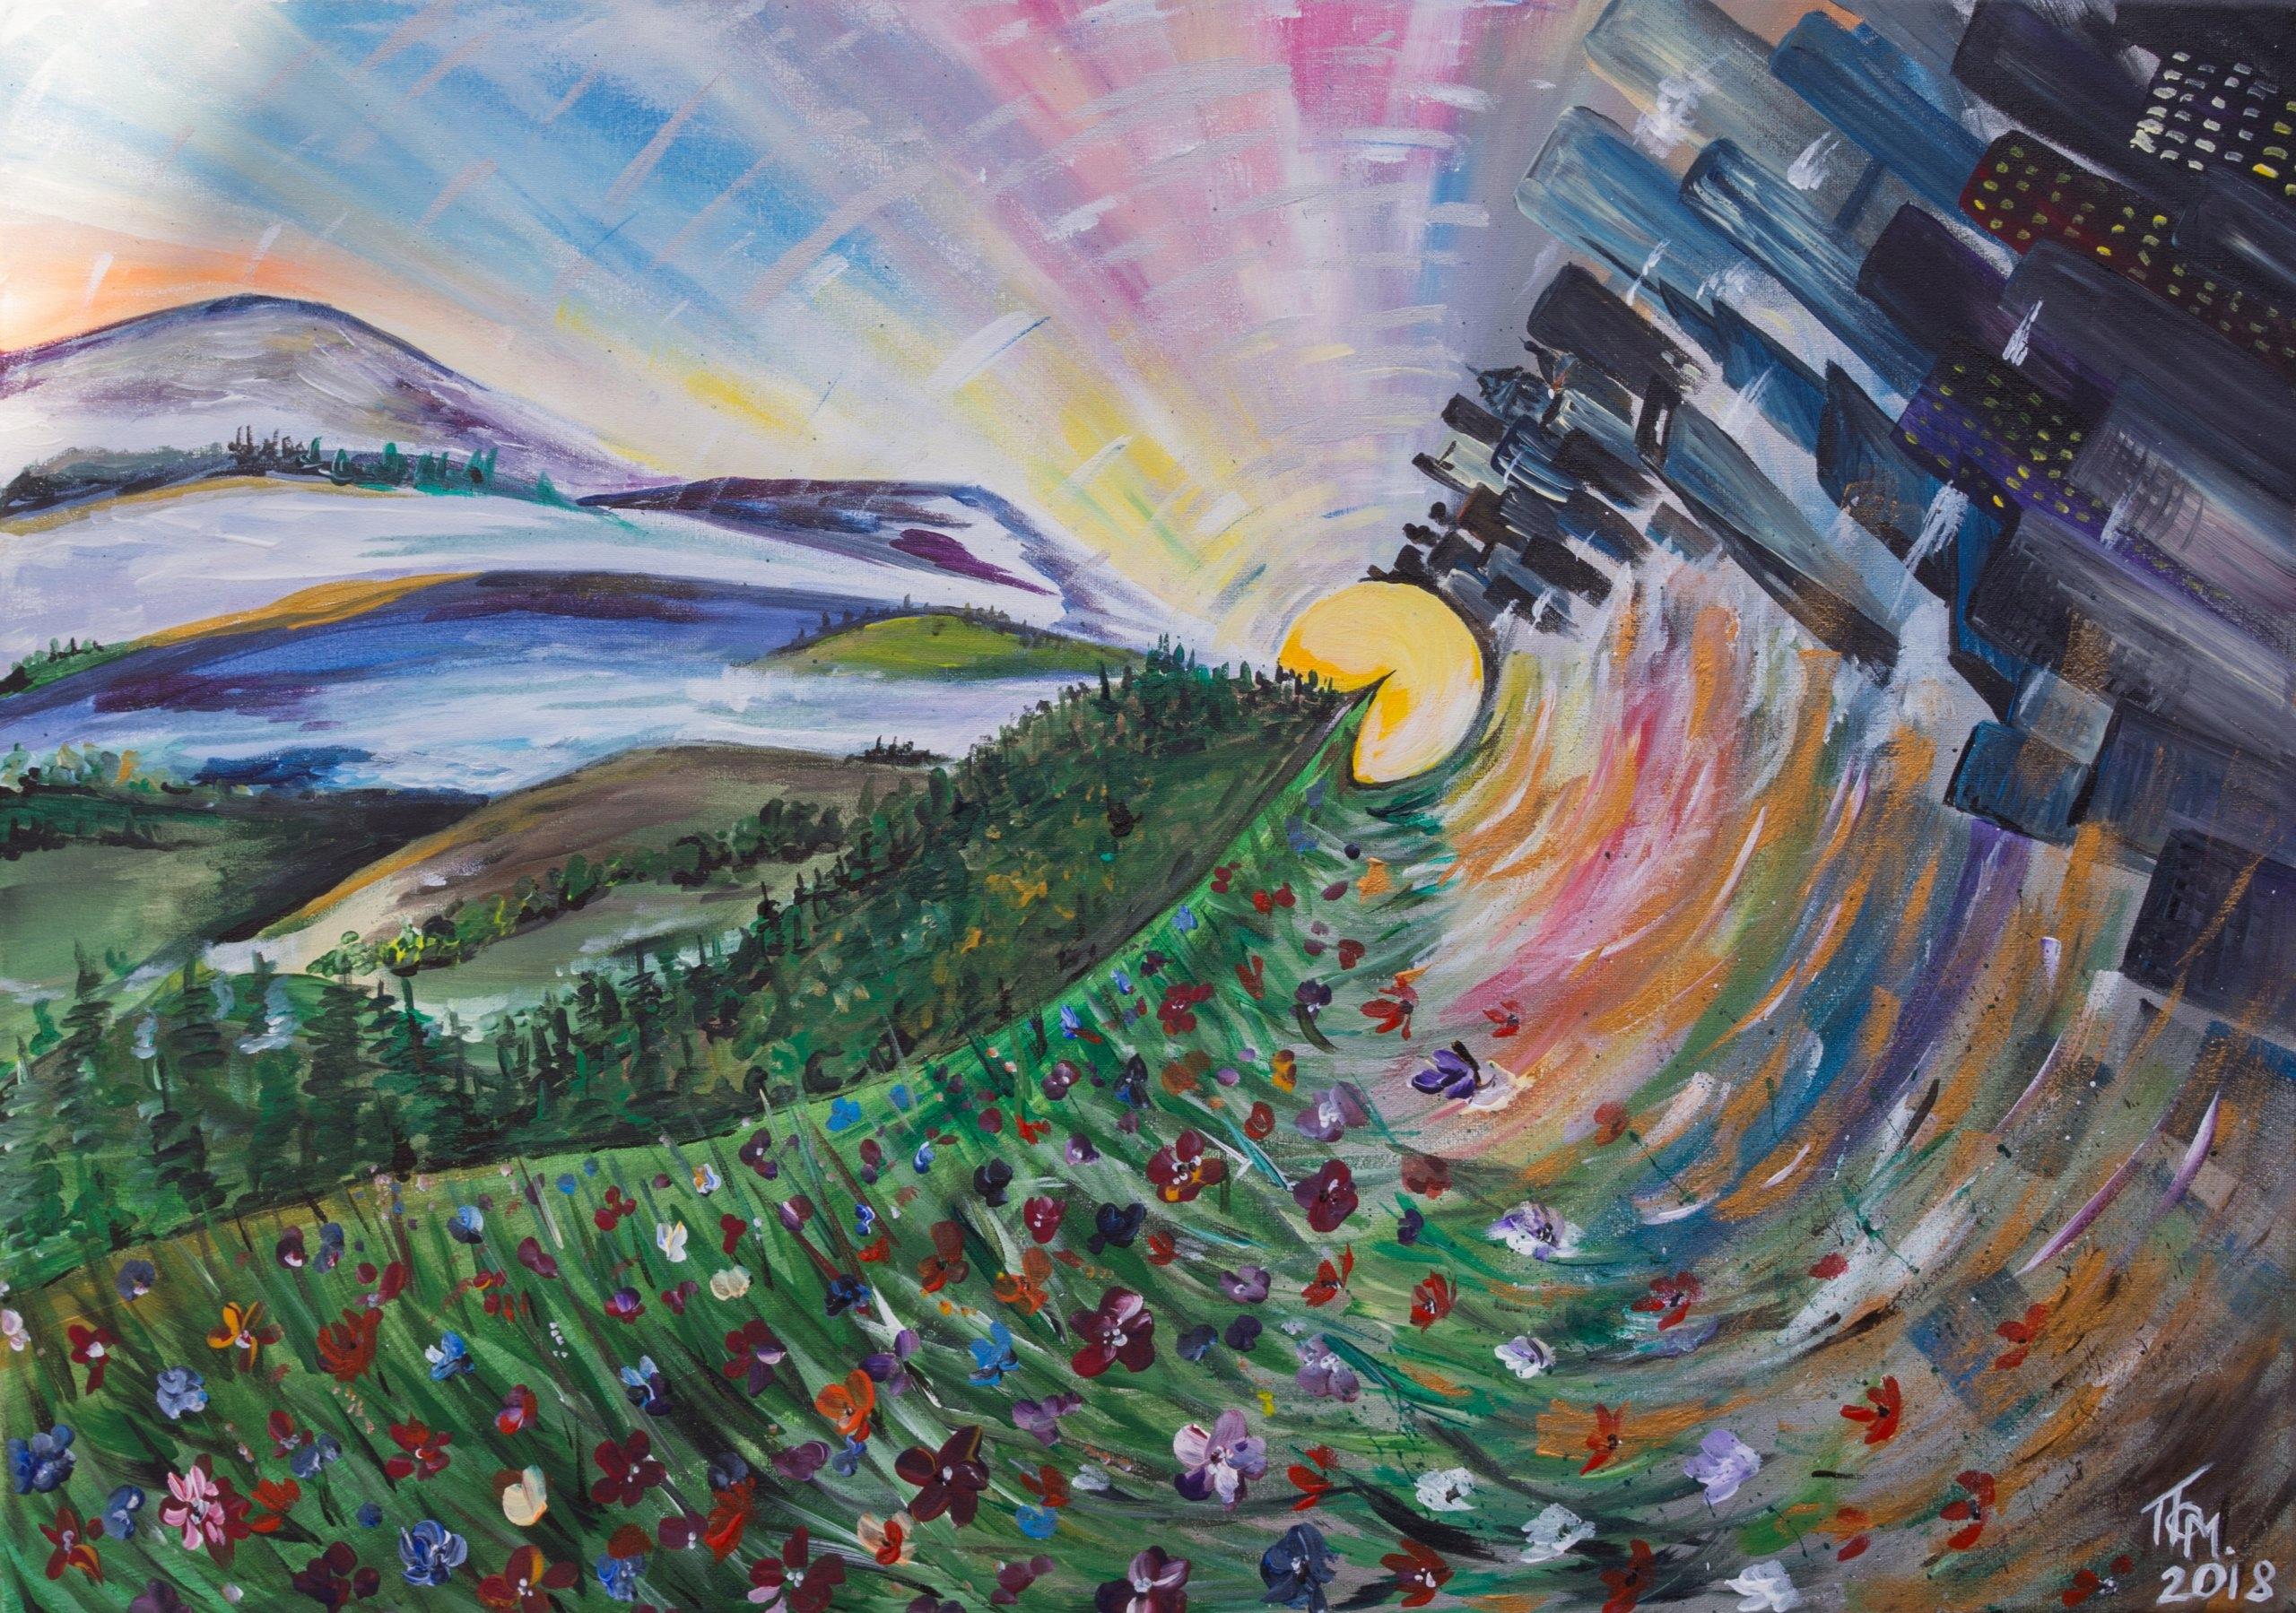 Obraz Malowany Ręcznie Farby Akrylowe 7303683181 Oficjalne